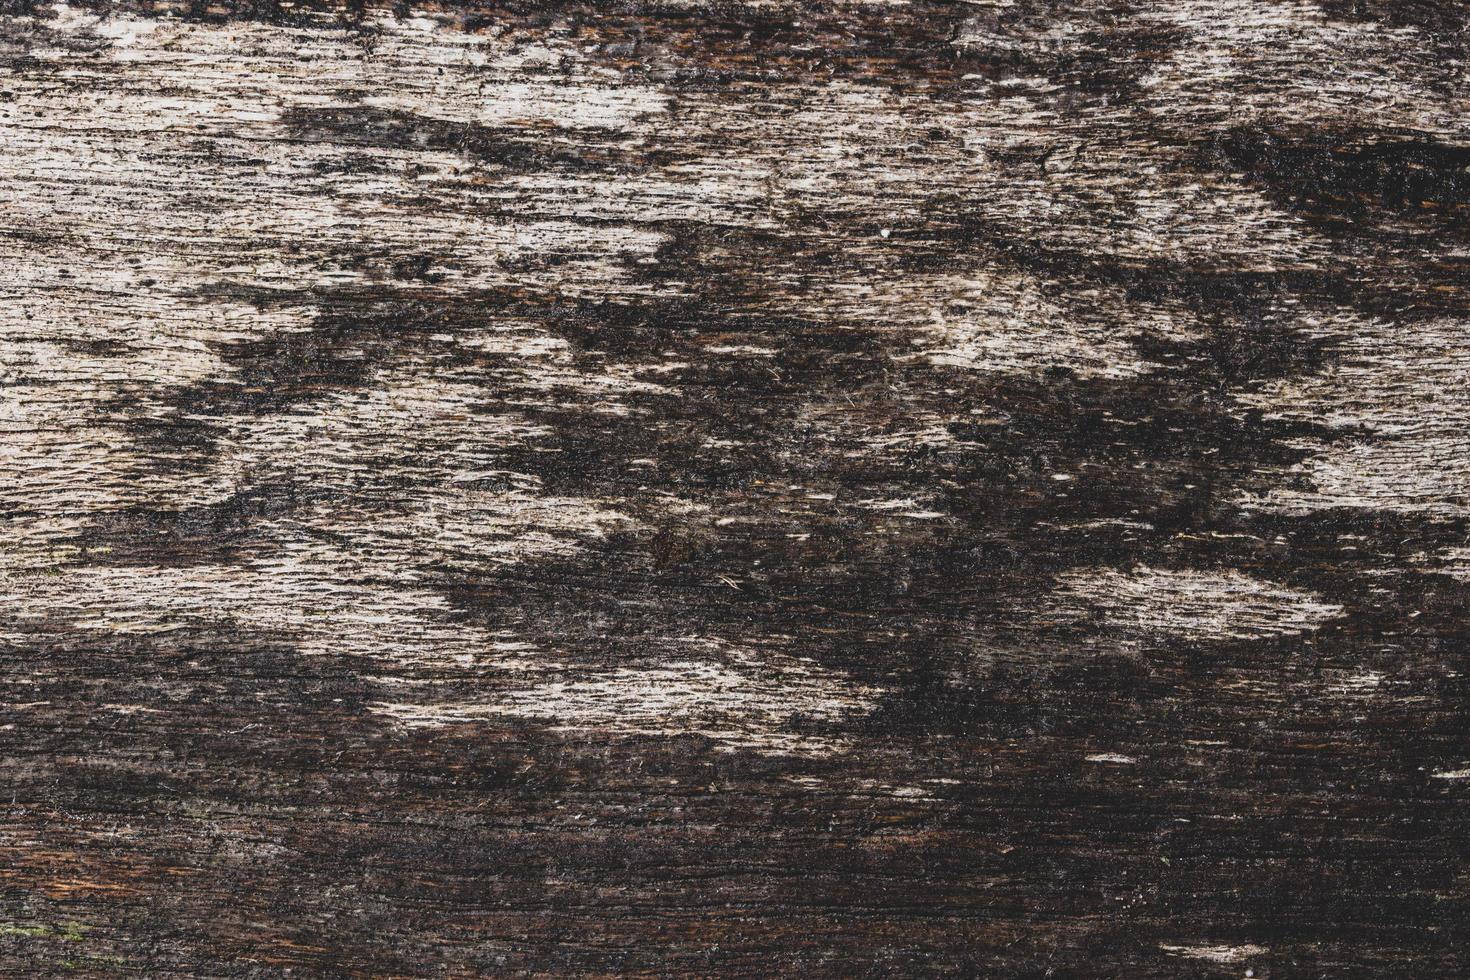 donkere houten vloer achtergrond foto